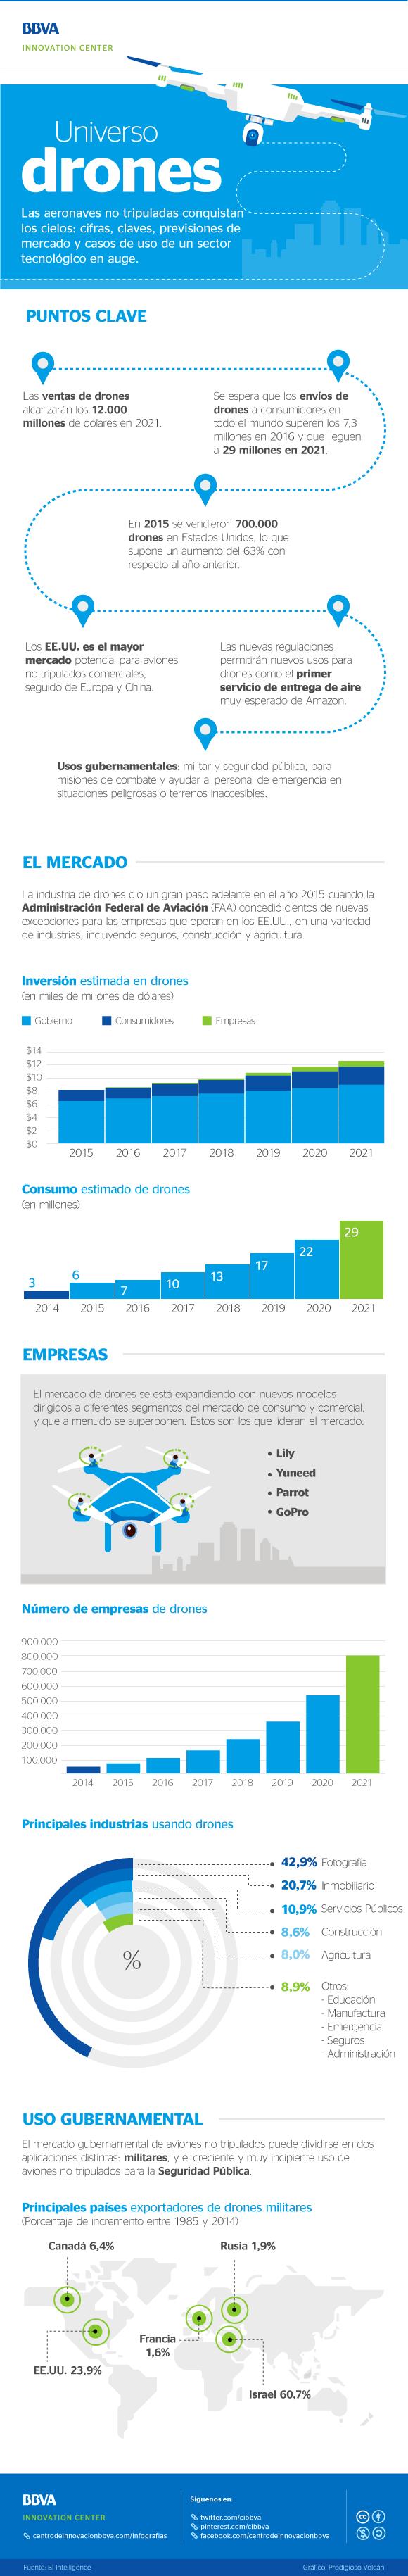 universo-drones-infografia